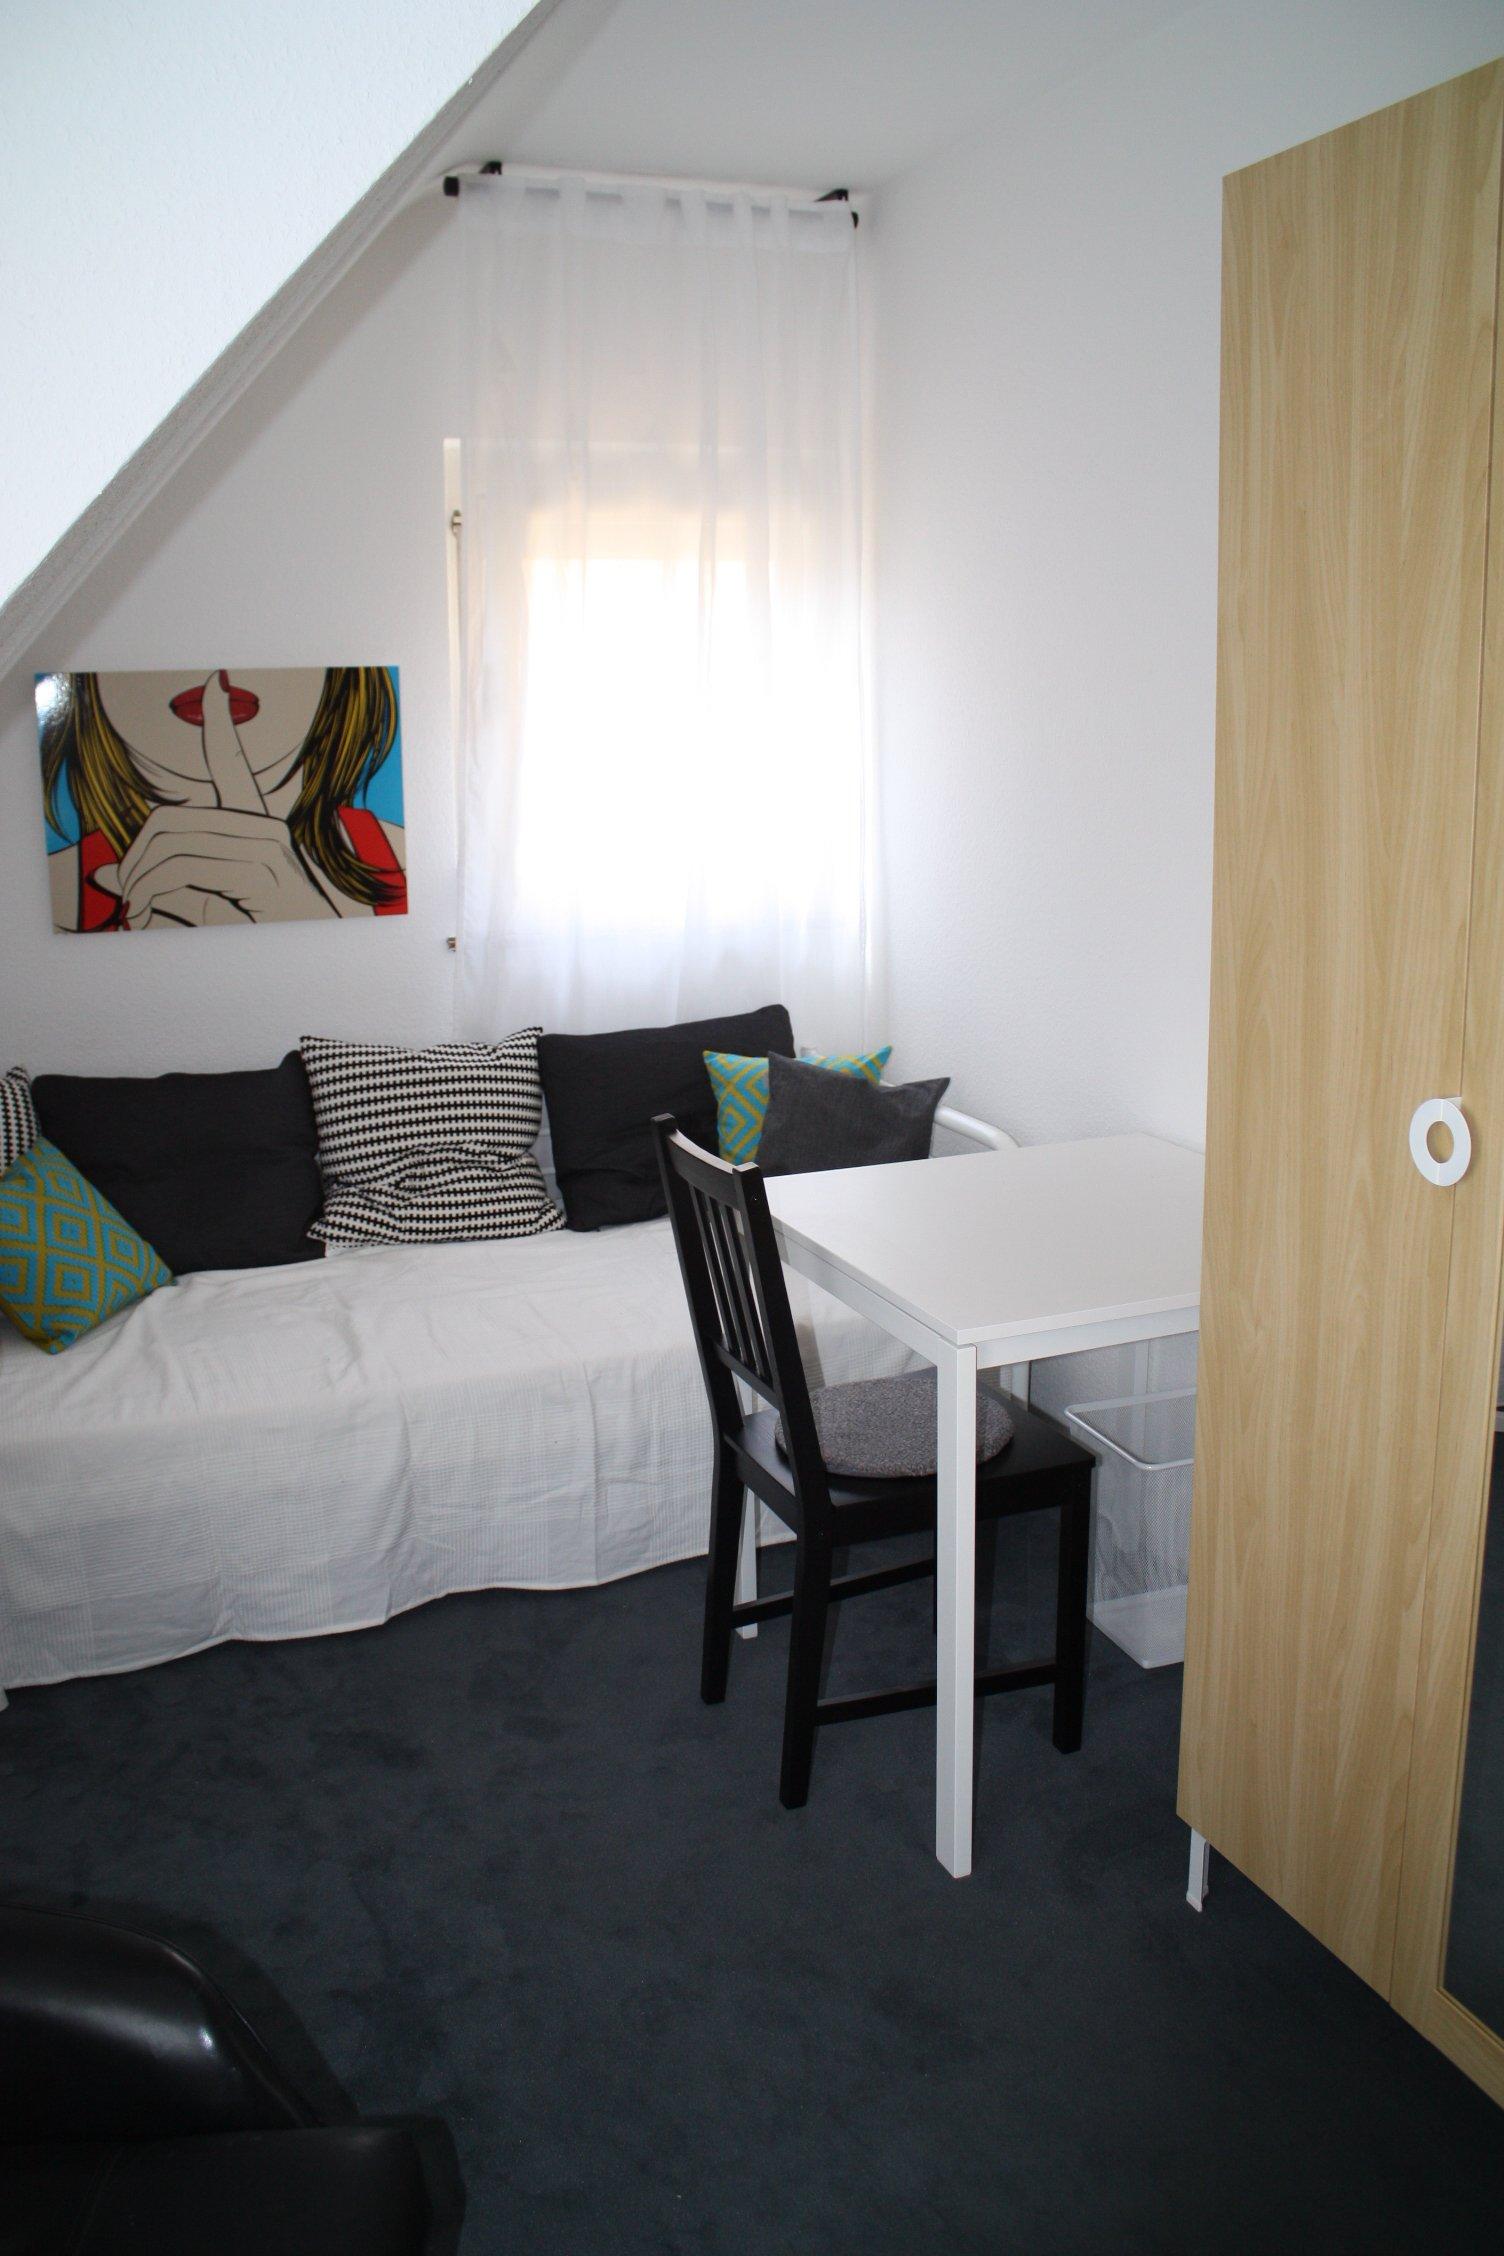 freiraum das kleine zimmer. Black Bedroom Furniture Sets. Home Design Ideas